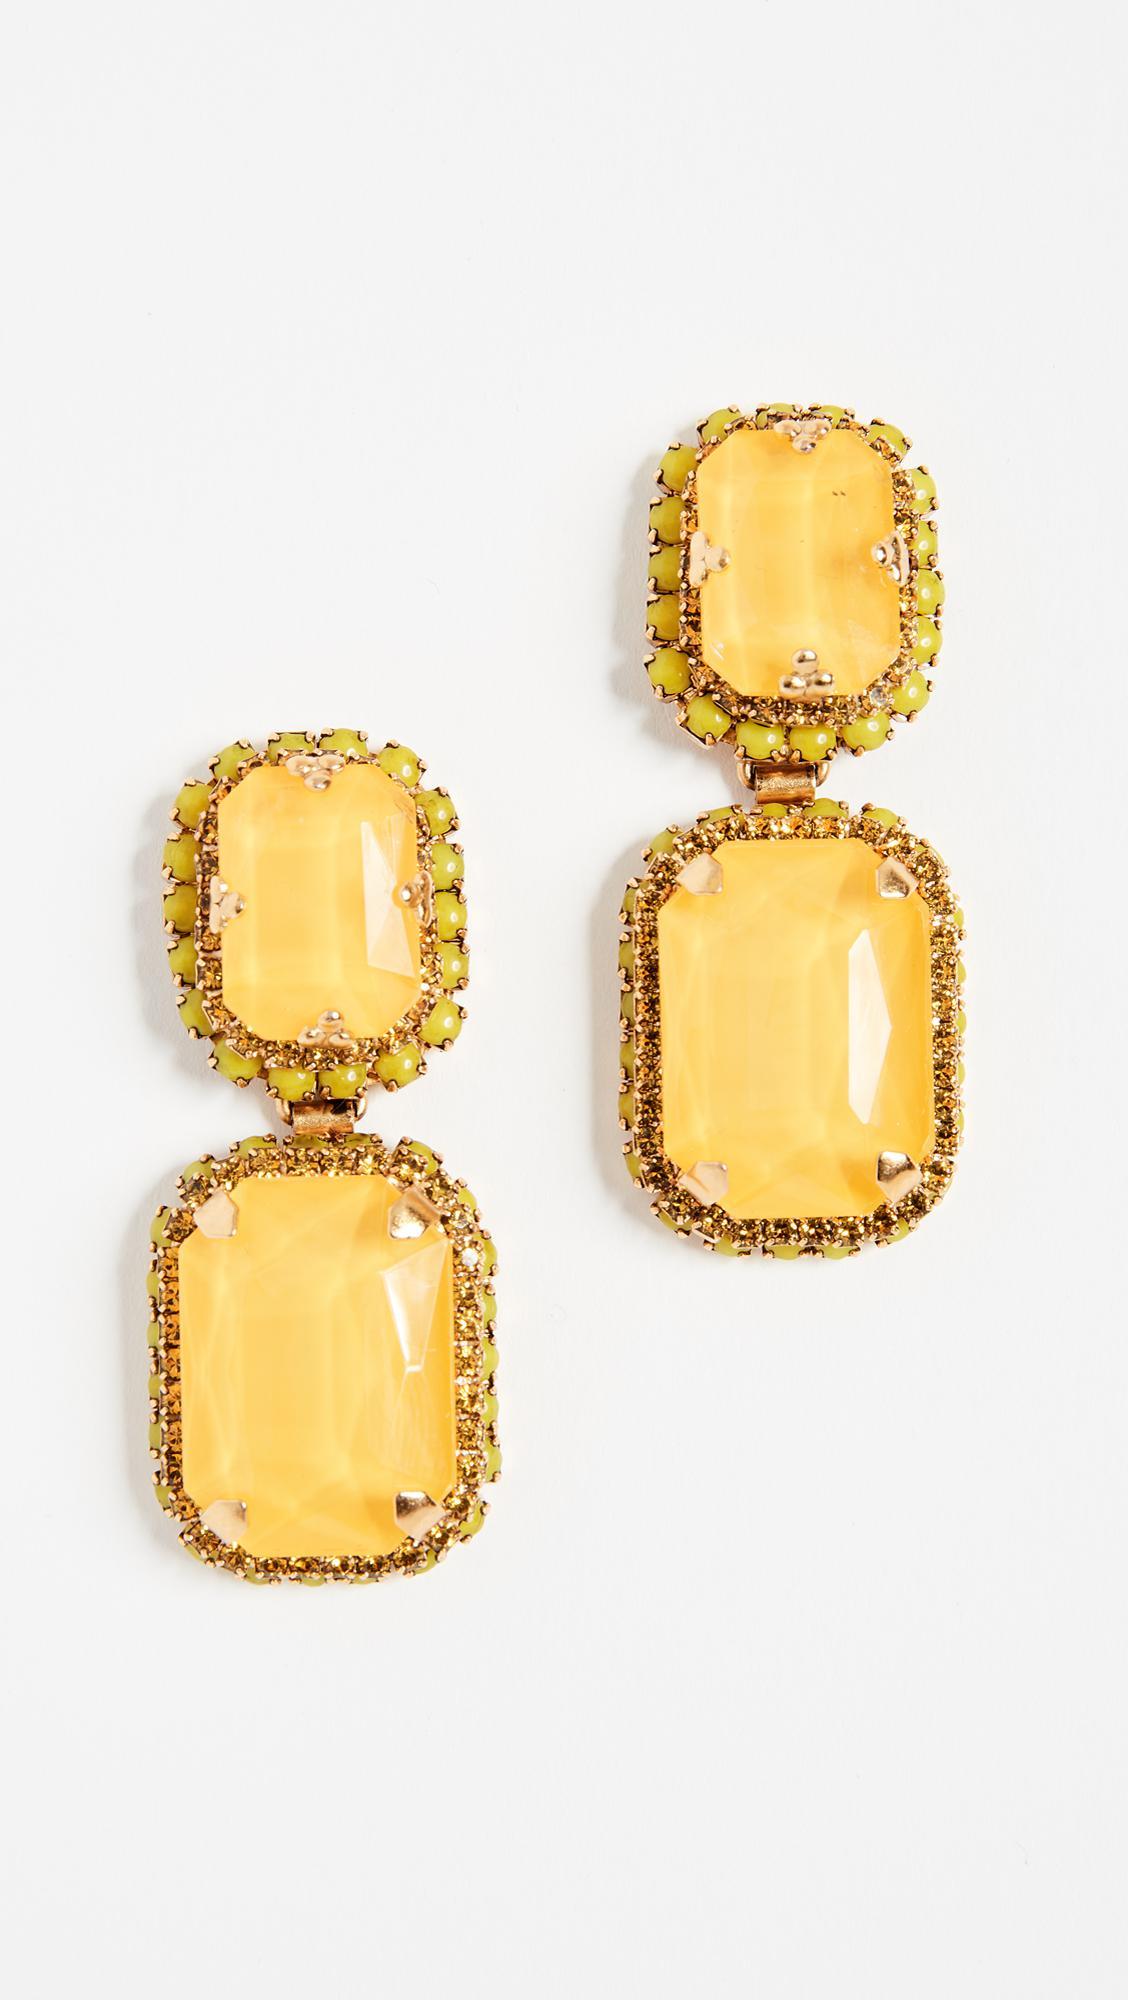 Elizabeth Cole Zelig Earrings Sj5qsQ27